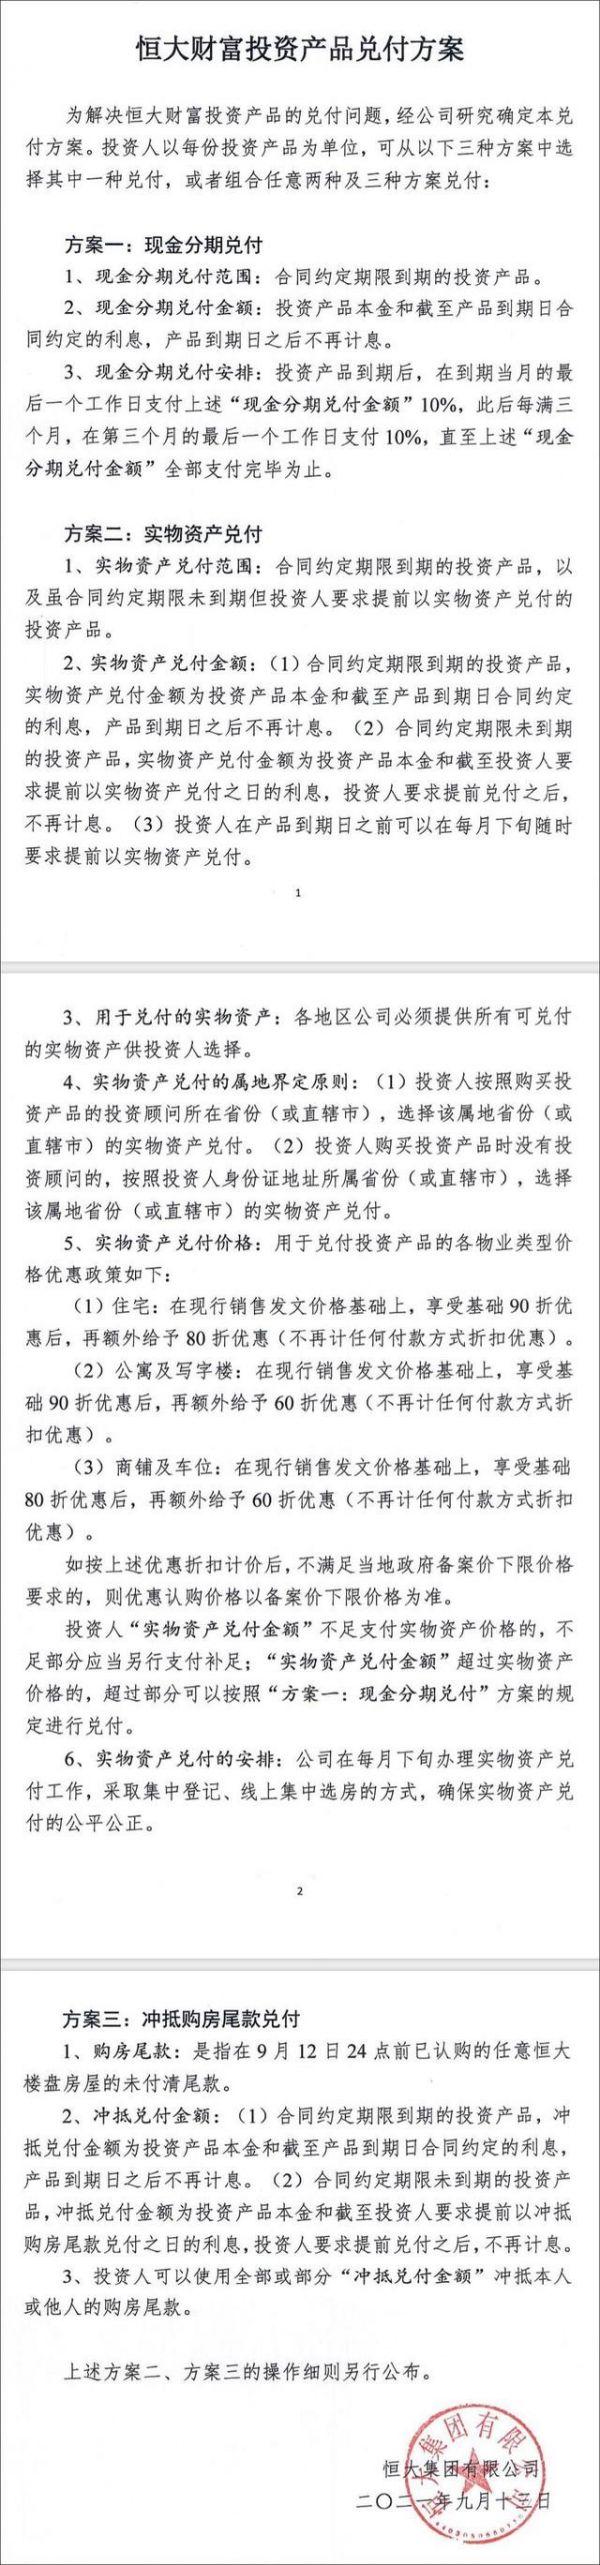 (恒大集团9月13日公布的兑付方案全文)